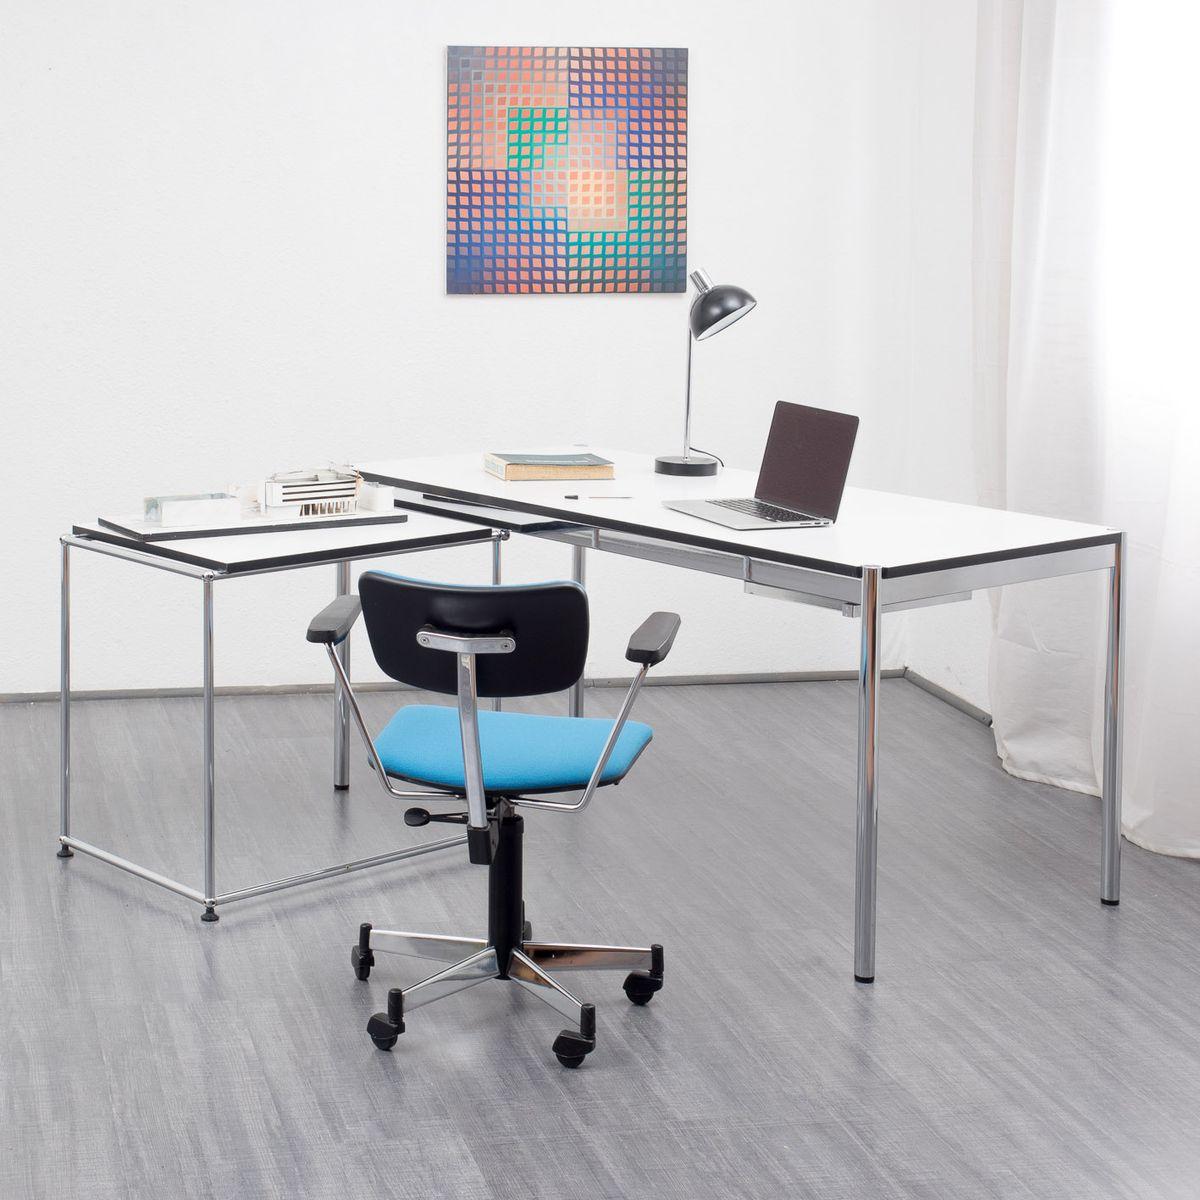 vintage desk by fritz haller paul sch rer for usm haller for sale at pamono. Black Bedroom Furniture Sets. Home Design Ideas